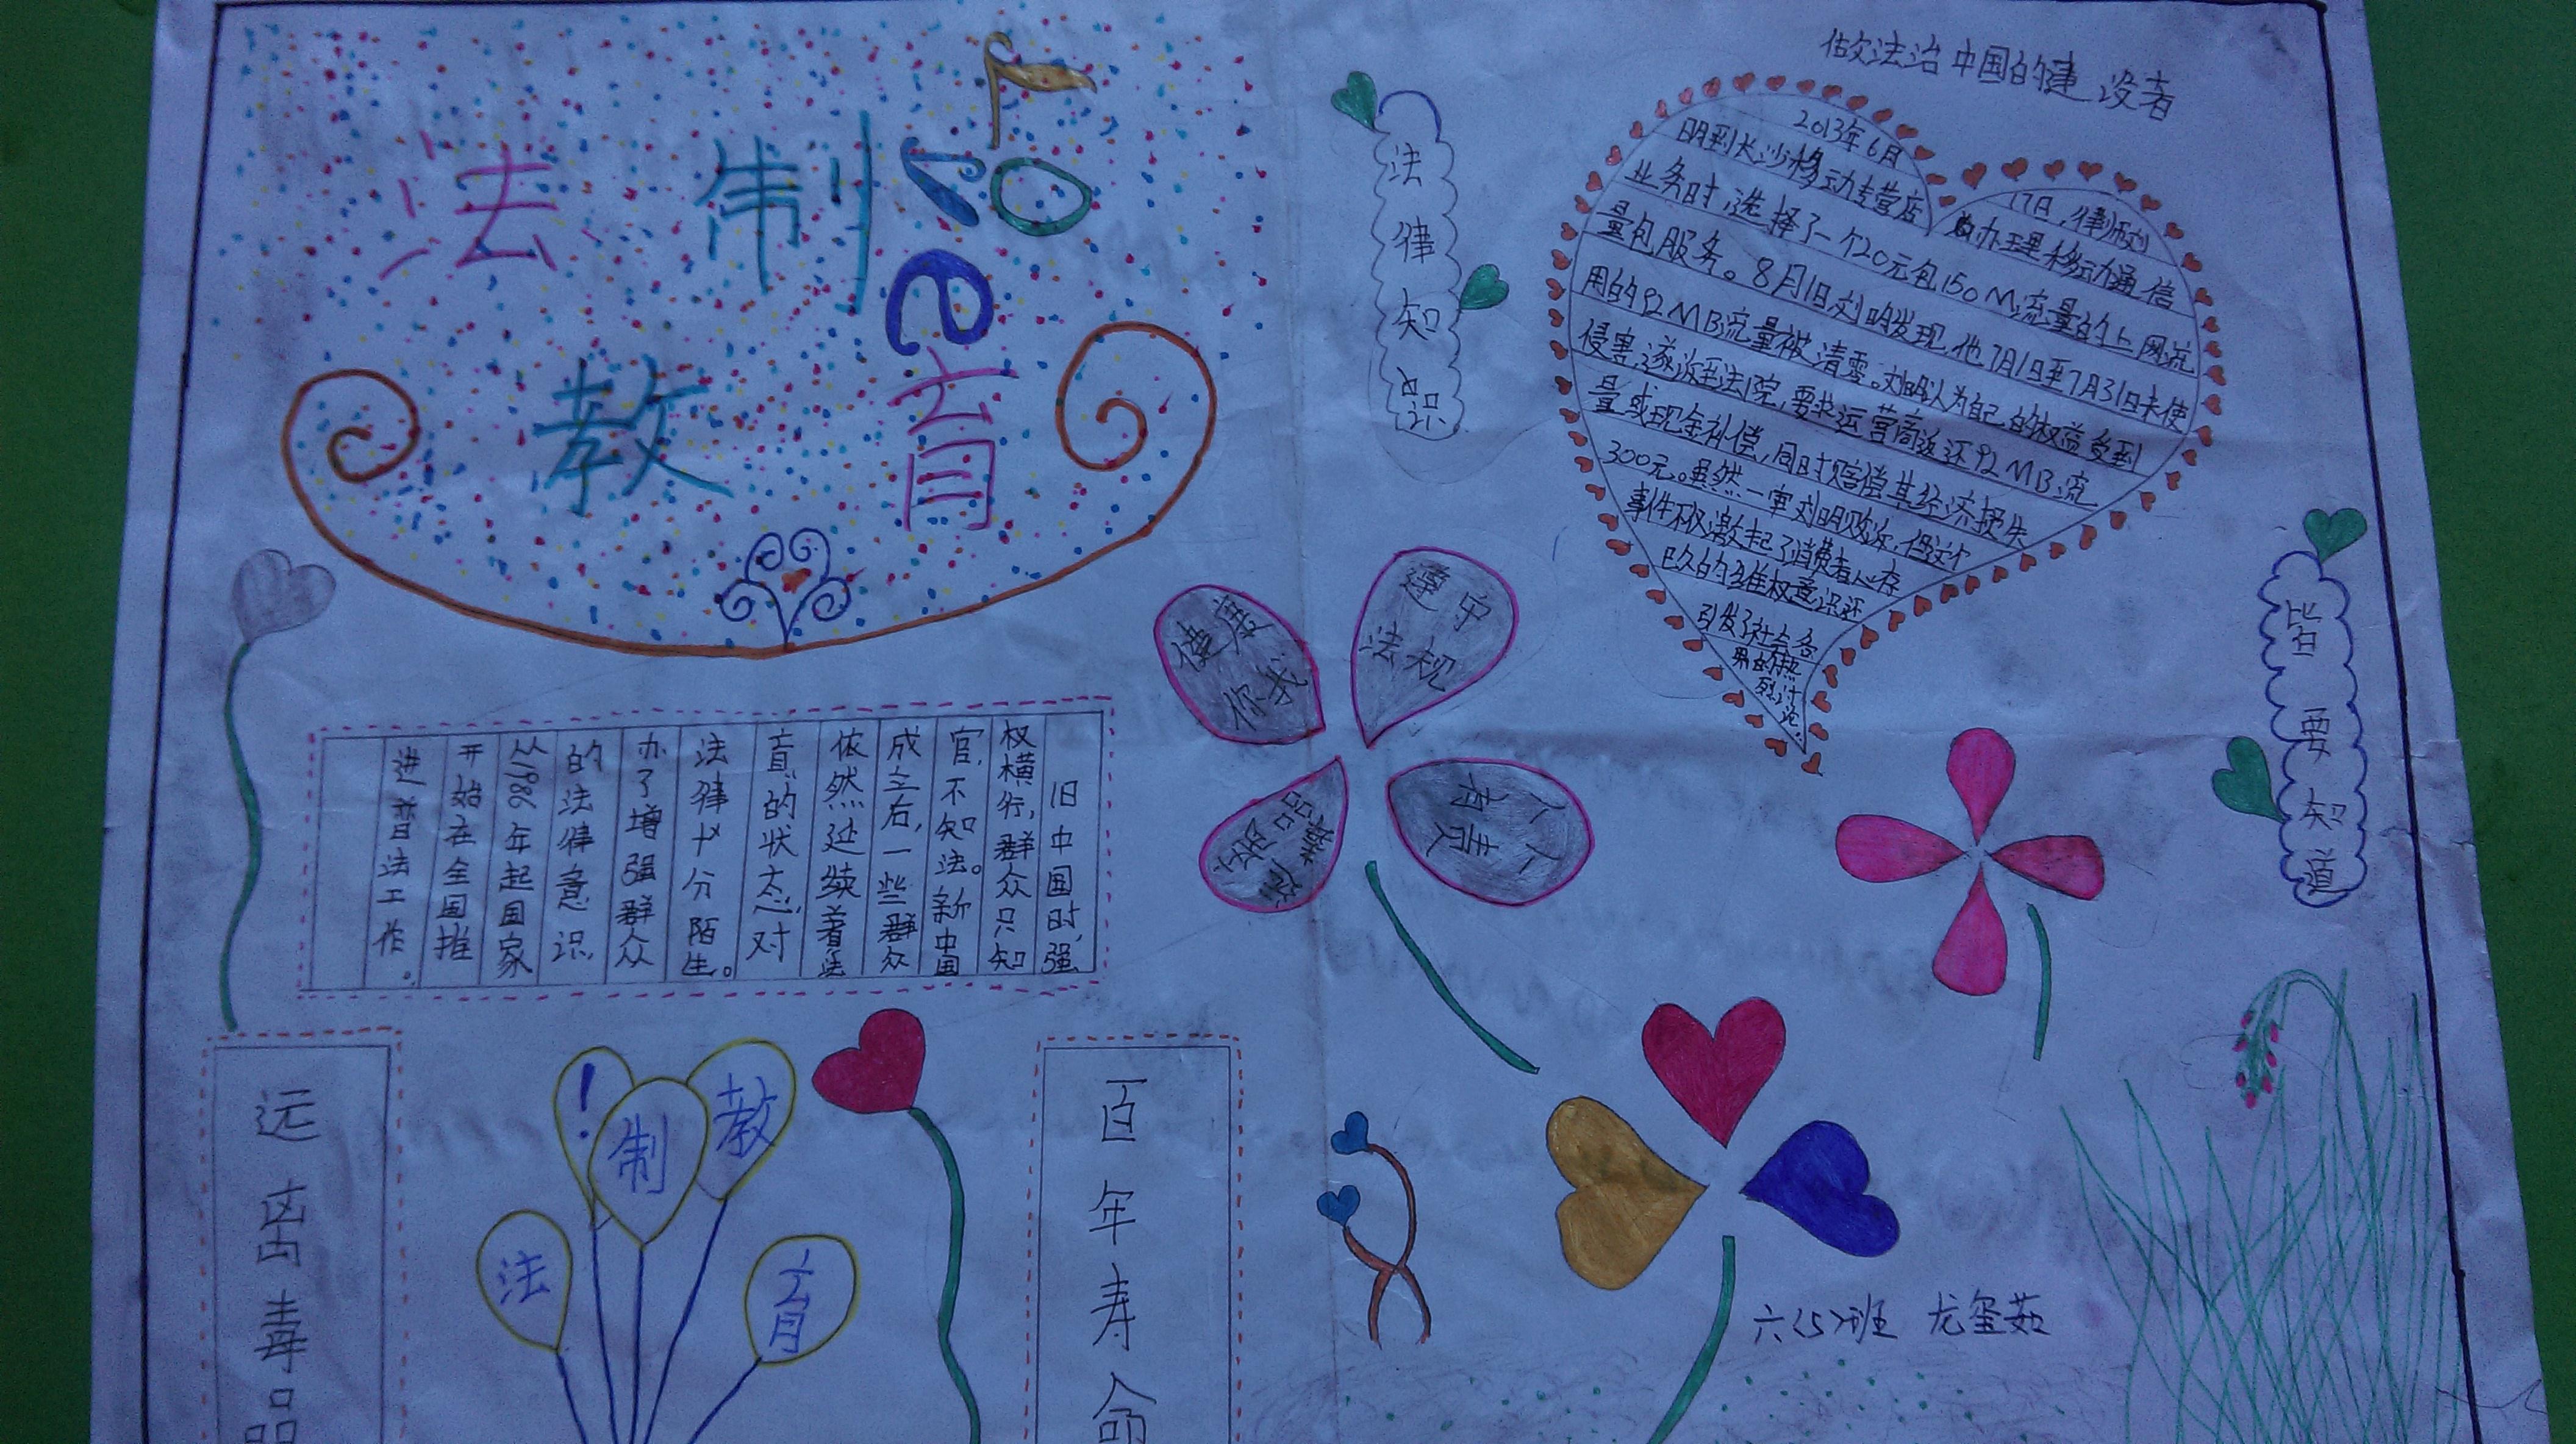 和静县第五小学开展法制教育宣传手抄报活动